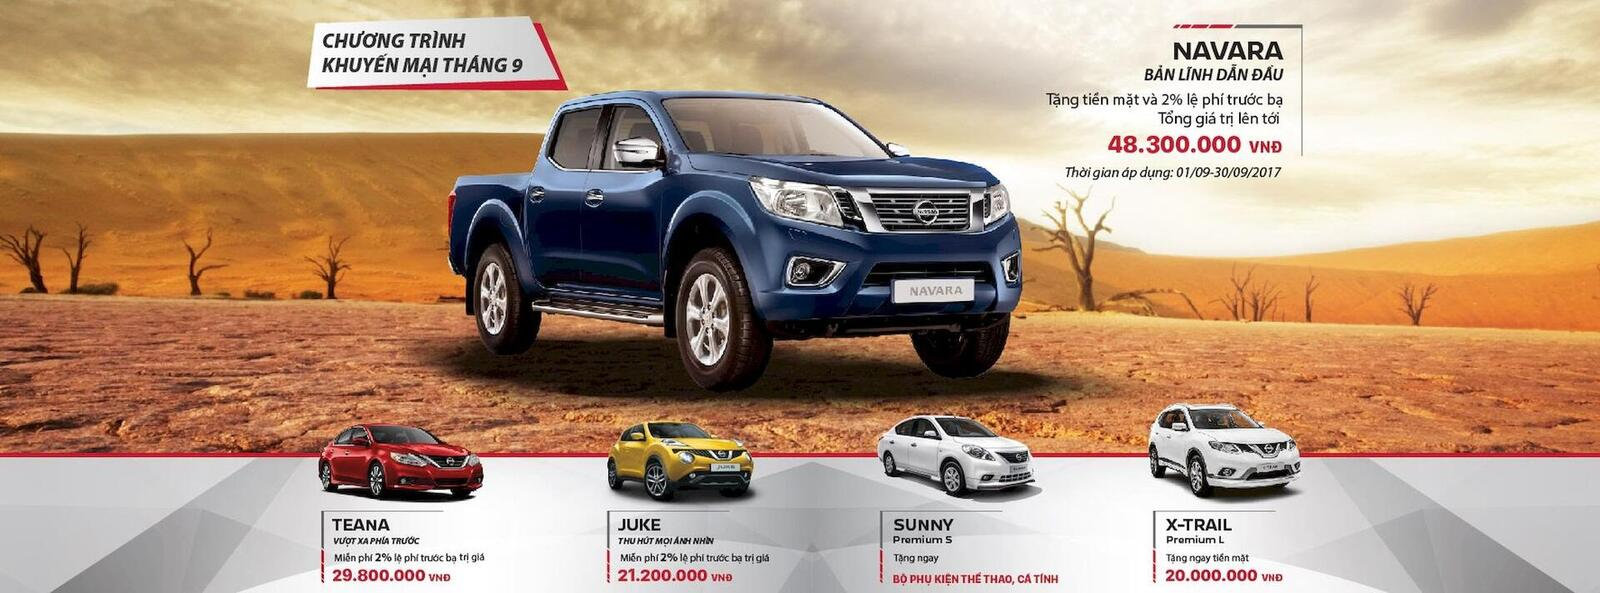 Tháng 9, mua Nissan Navara nhận quà tặng trị giá gần 50 triệu đồng - Hình 1